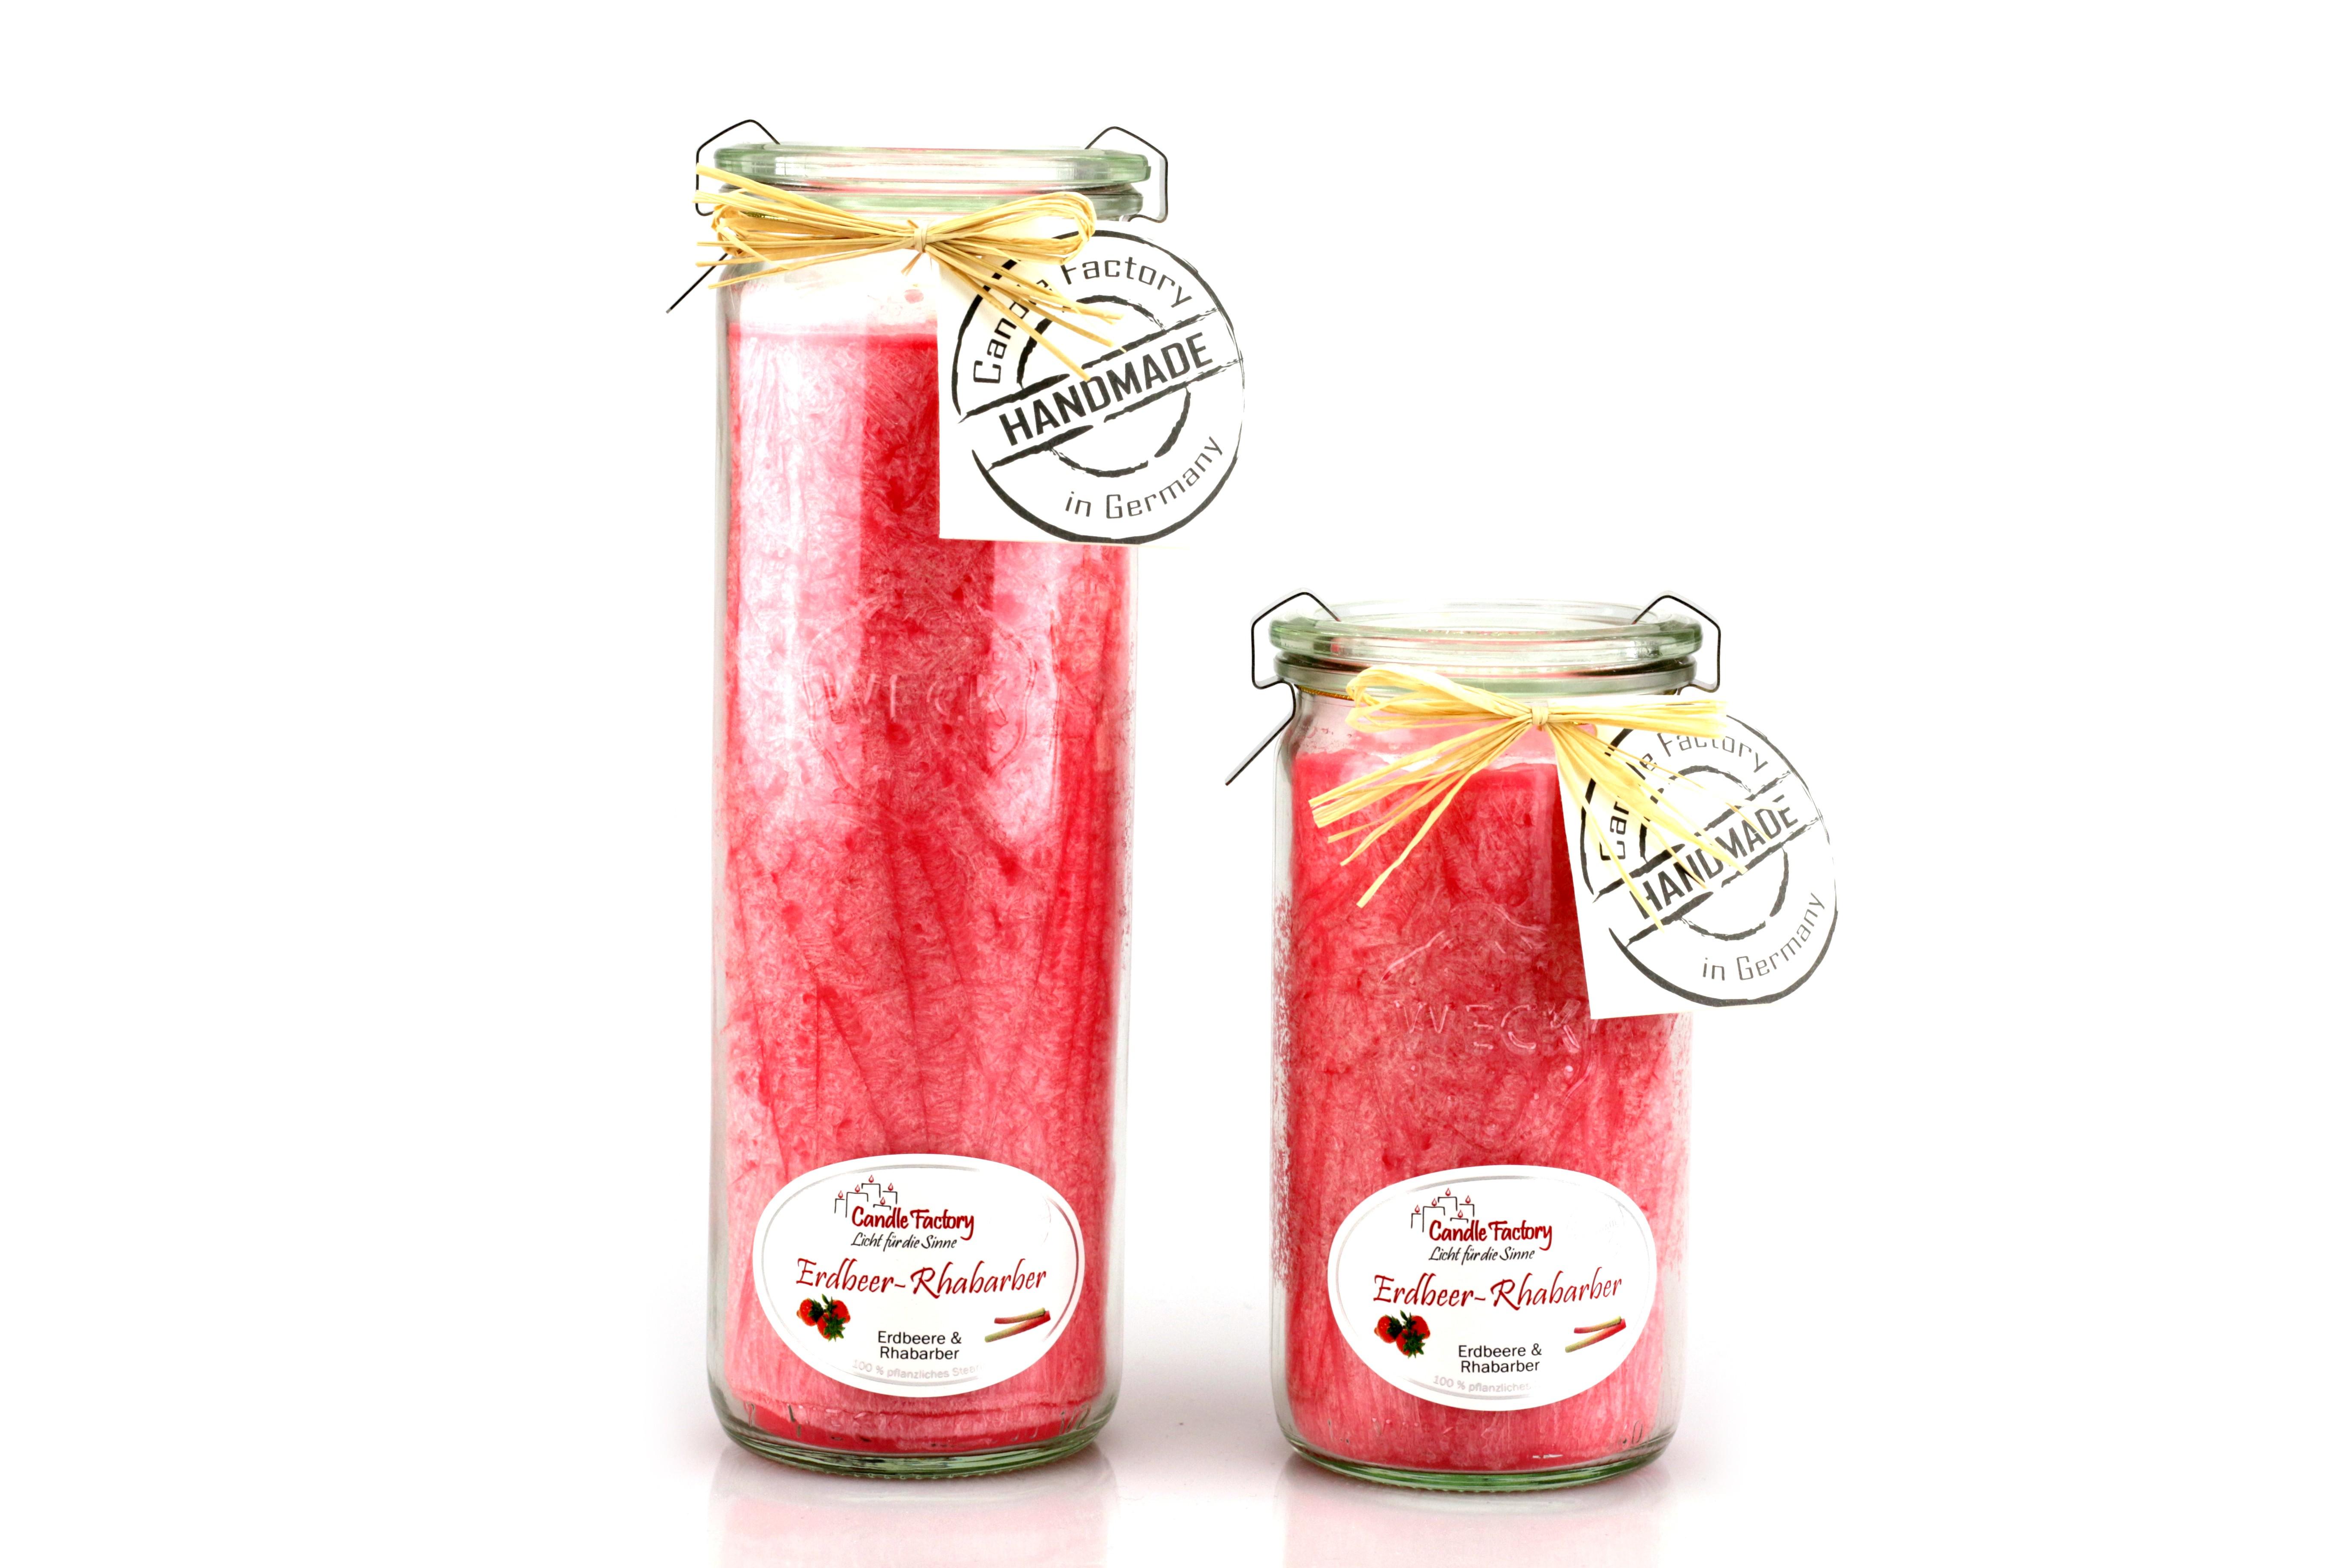 Kerze Big-Jumbo Erdbeere - Rhabarber